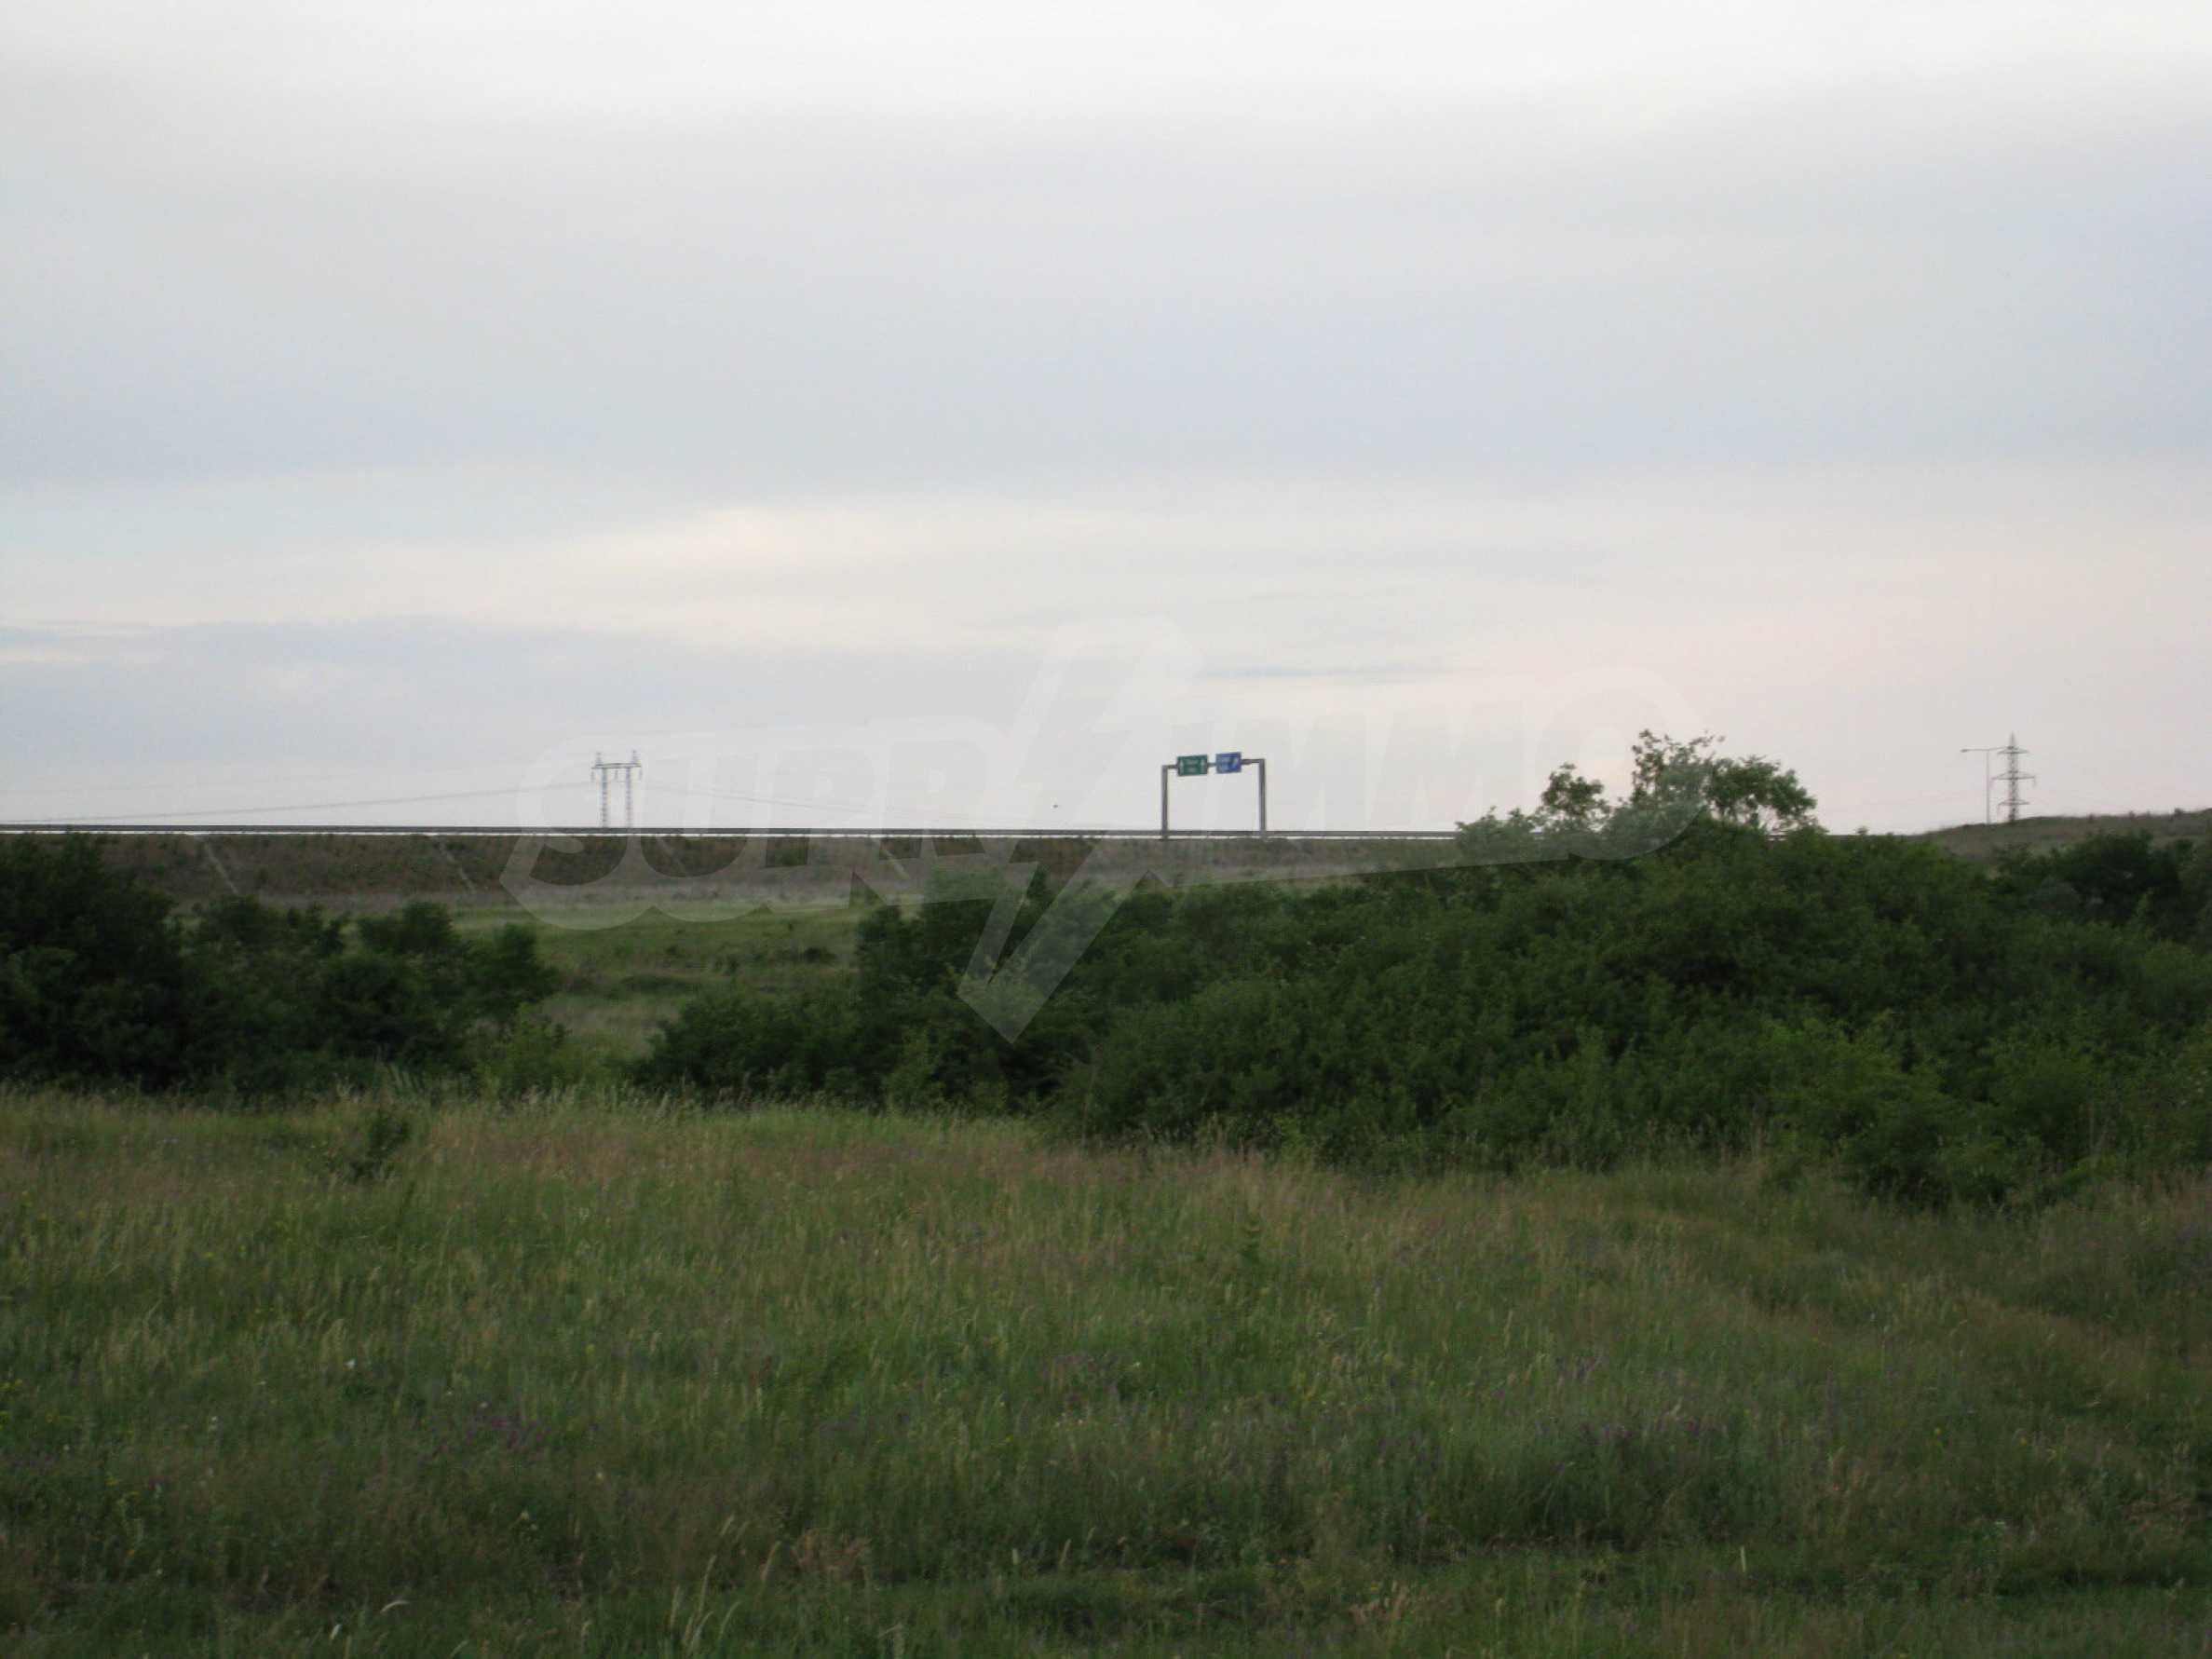 Ackerland in der Nähe eines Sees in Suhodol 15